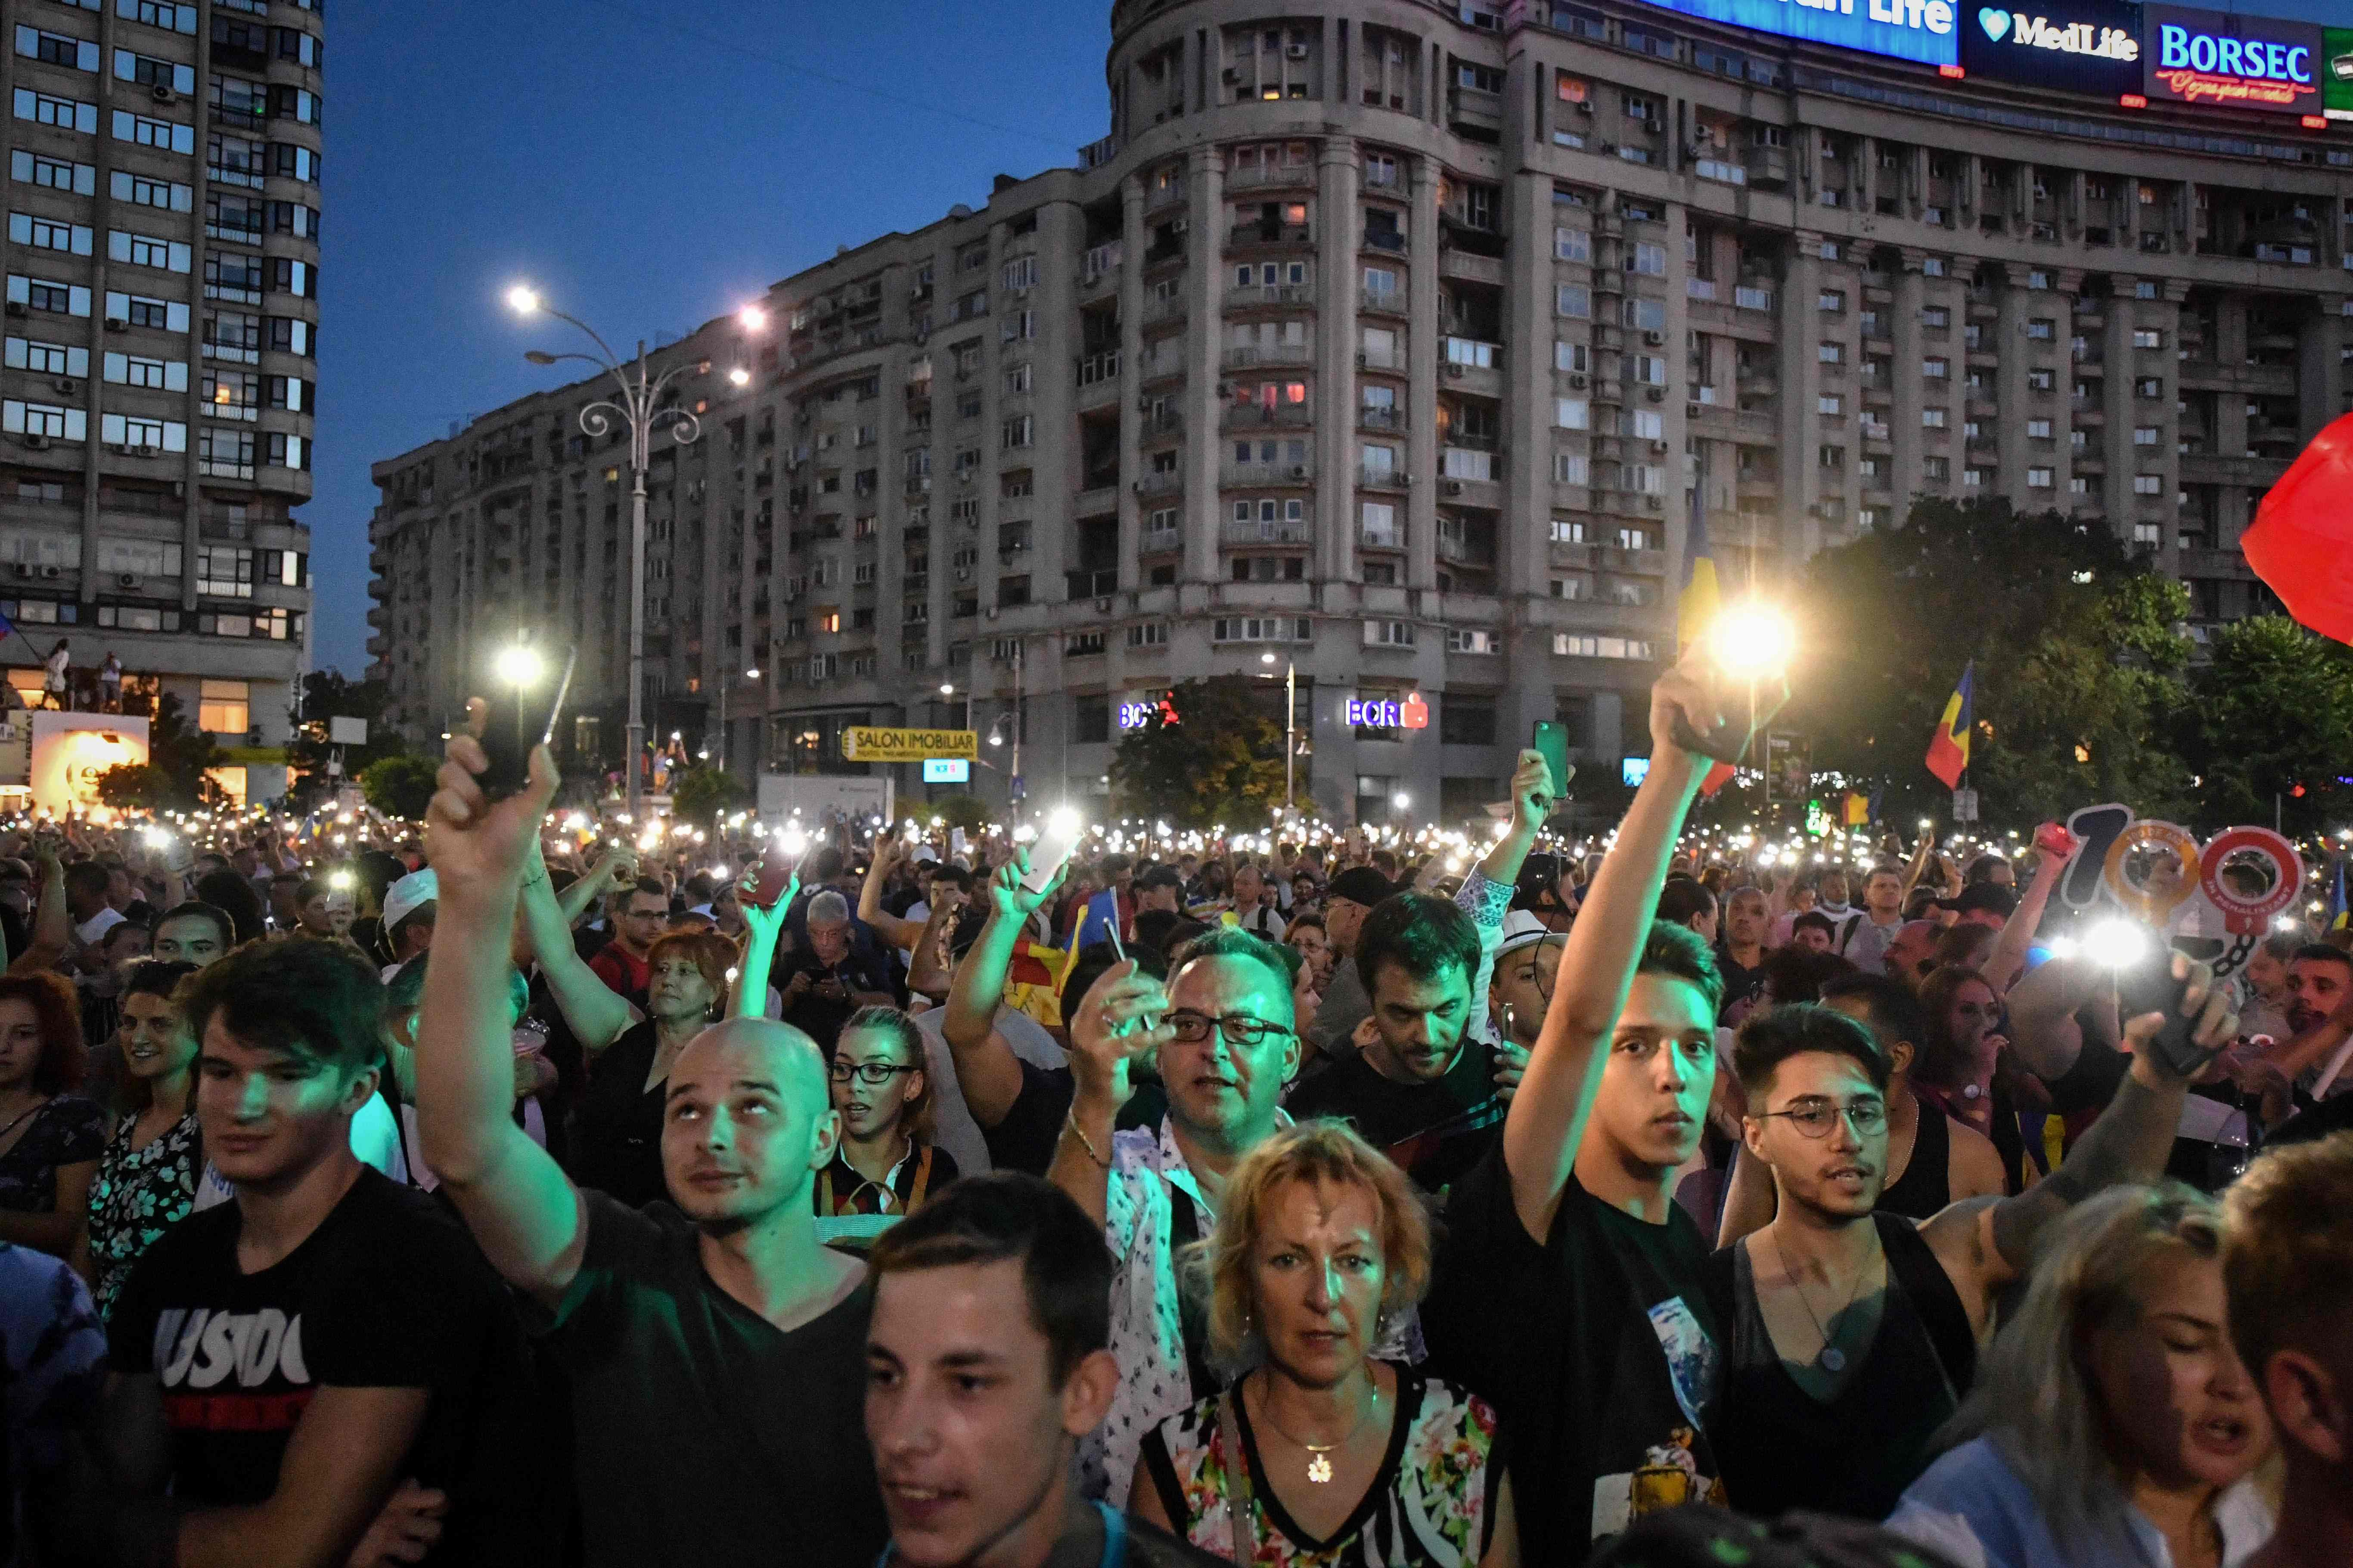 شباب رومانيا يحتجون ضد الفساد